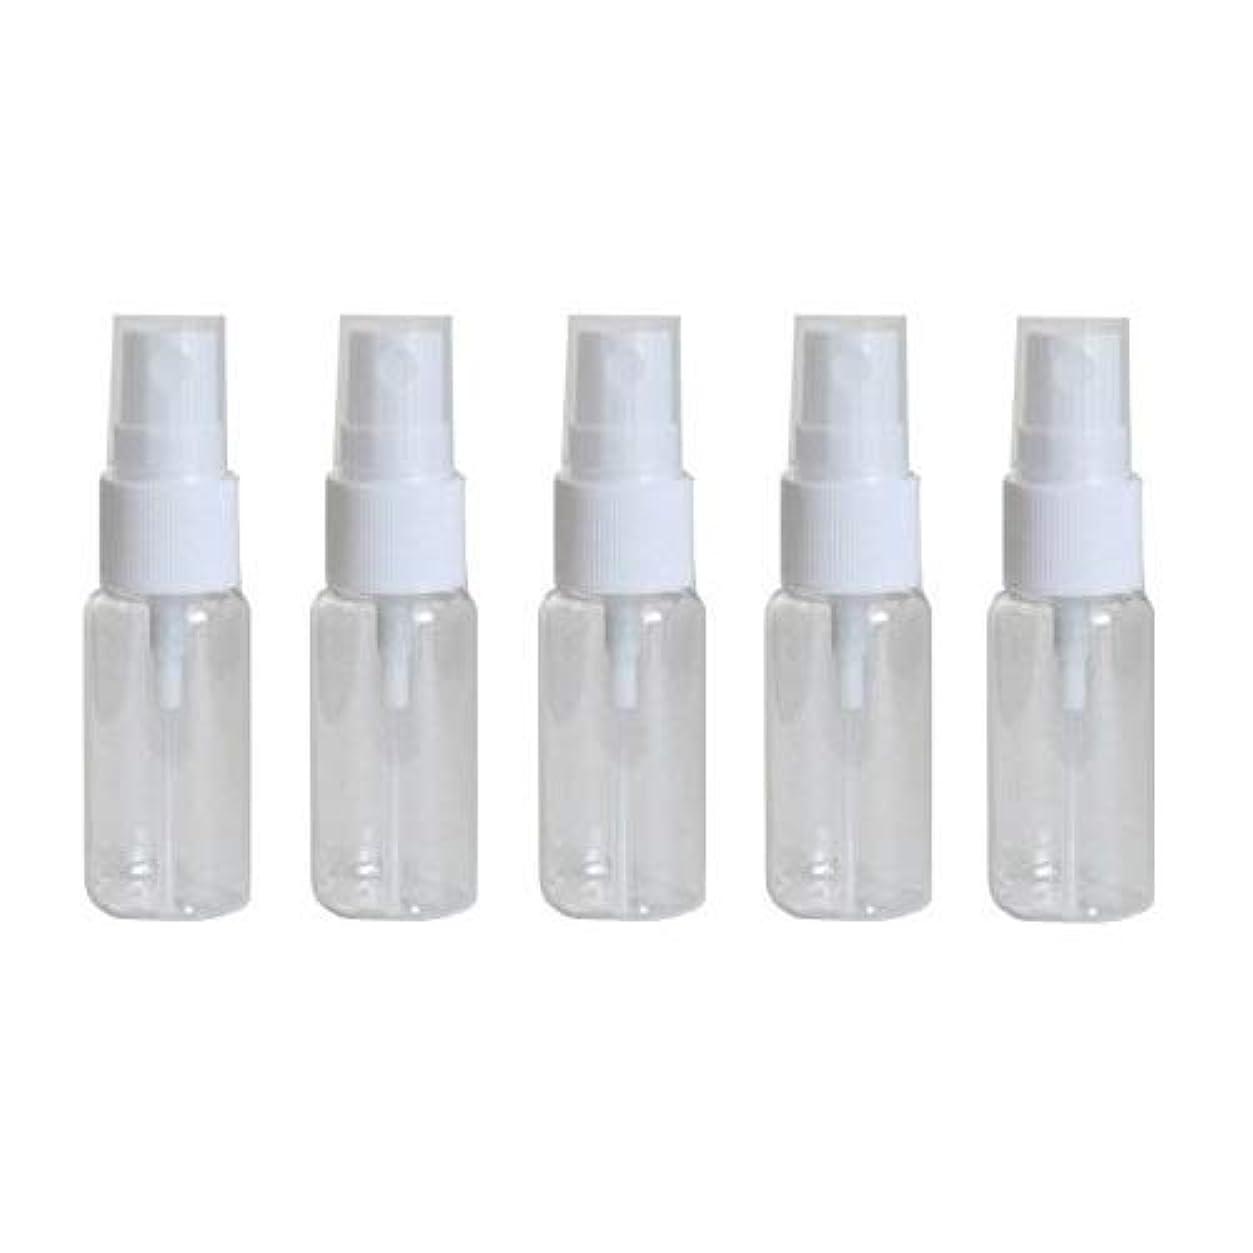 起点バッジ先祖happy fountain スプレーボトル 15ml 5本セット プラスチック容器 アトマイザー